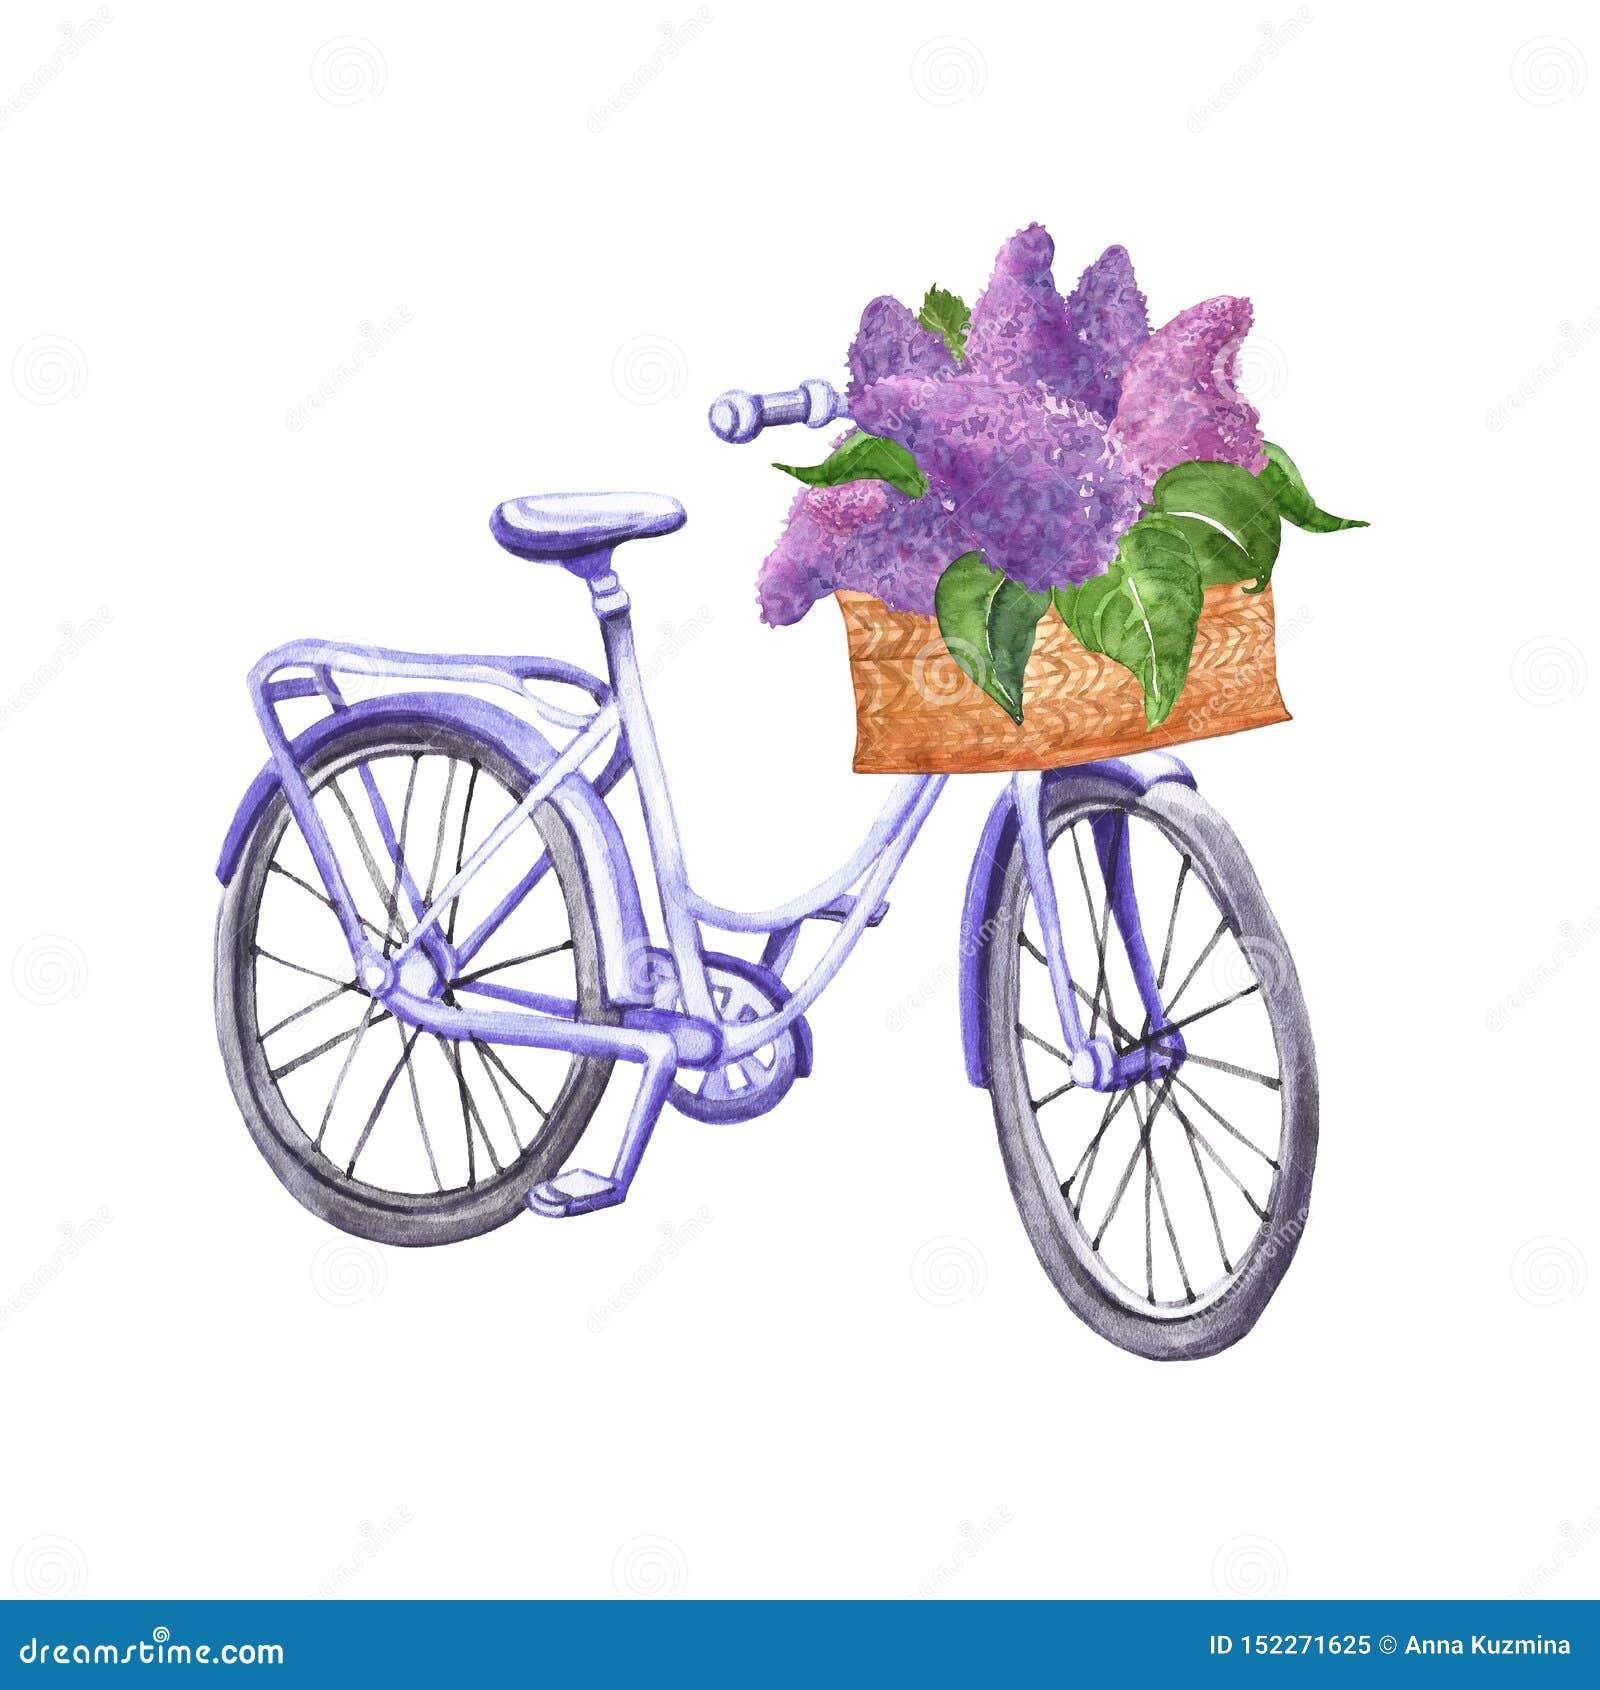 För tappningcykel för vattenfärg pastellfärgad blå illustration Utdragen strandkryssare för hand med korgen och purpurfärgade lil